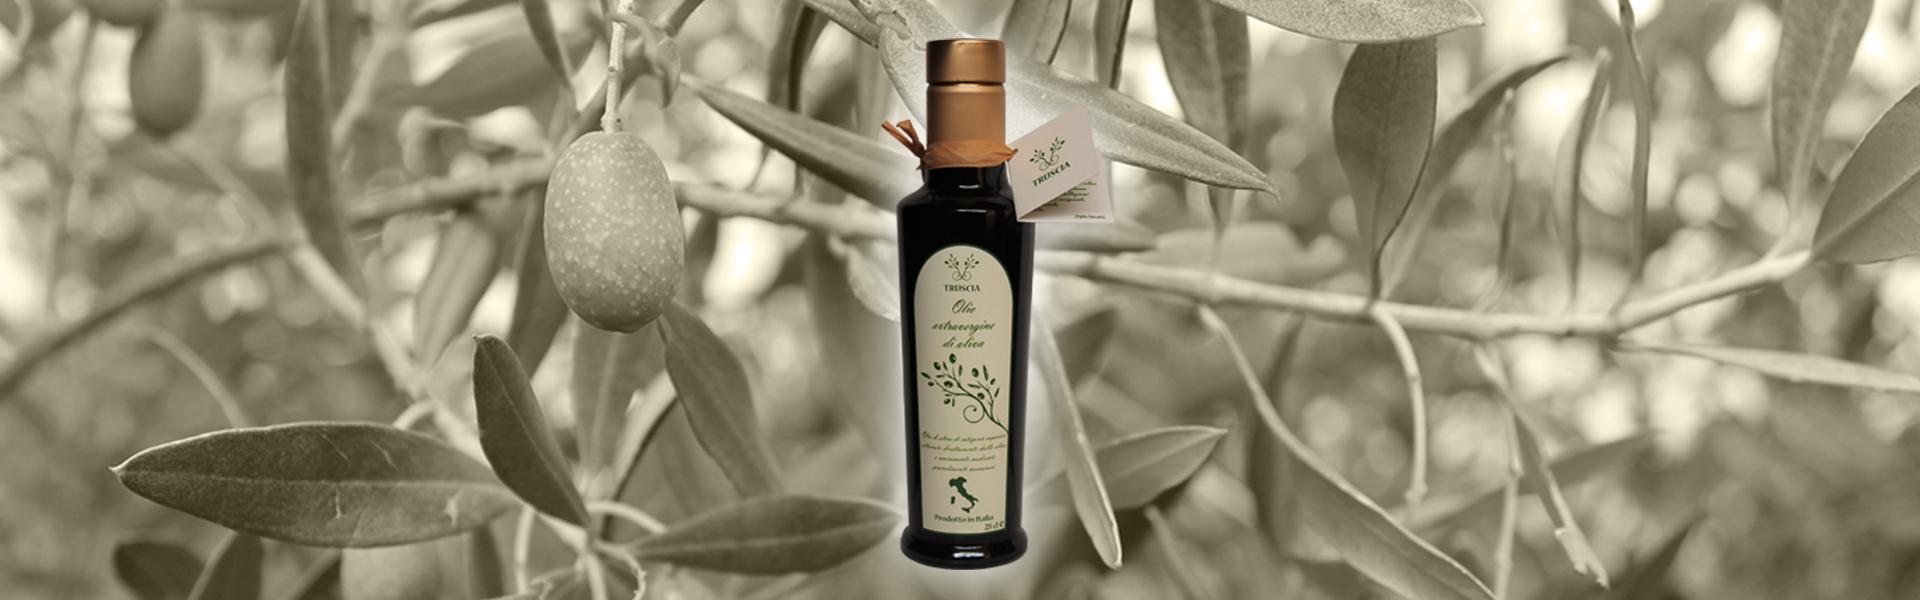 TRUSCIA - Olio extravergine di oliva classico